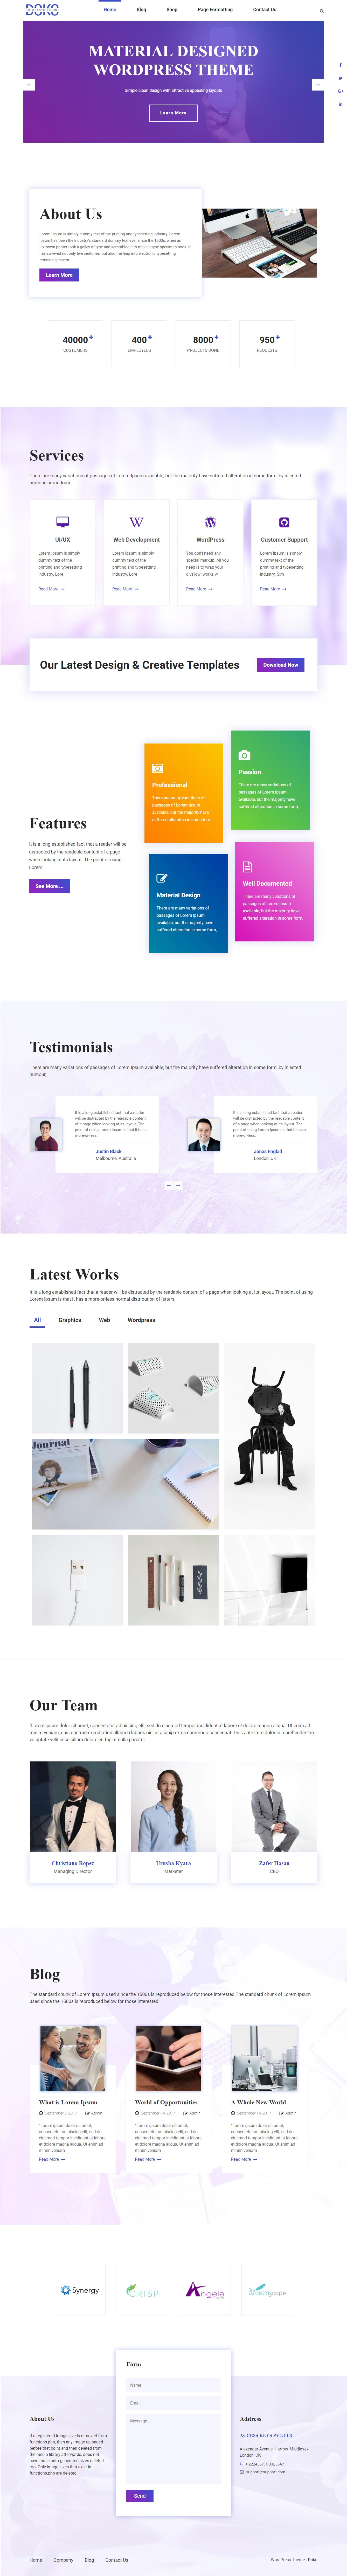 Doko: el mejor tema de WordPress para diseño de materiales gratuito